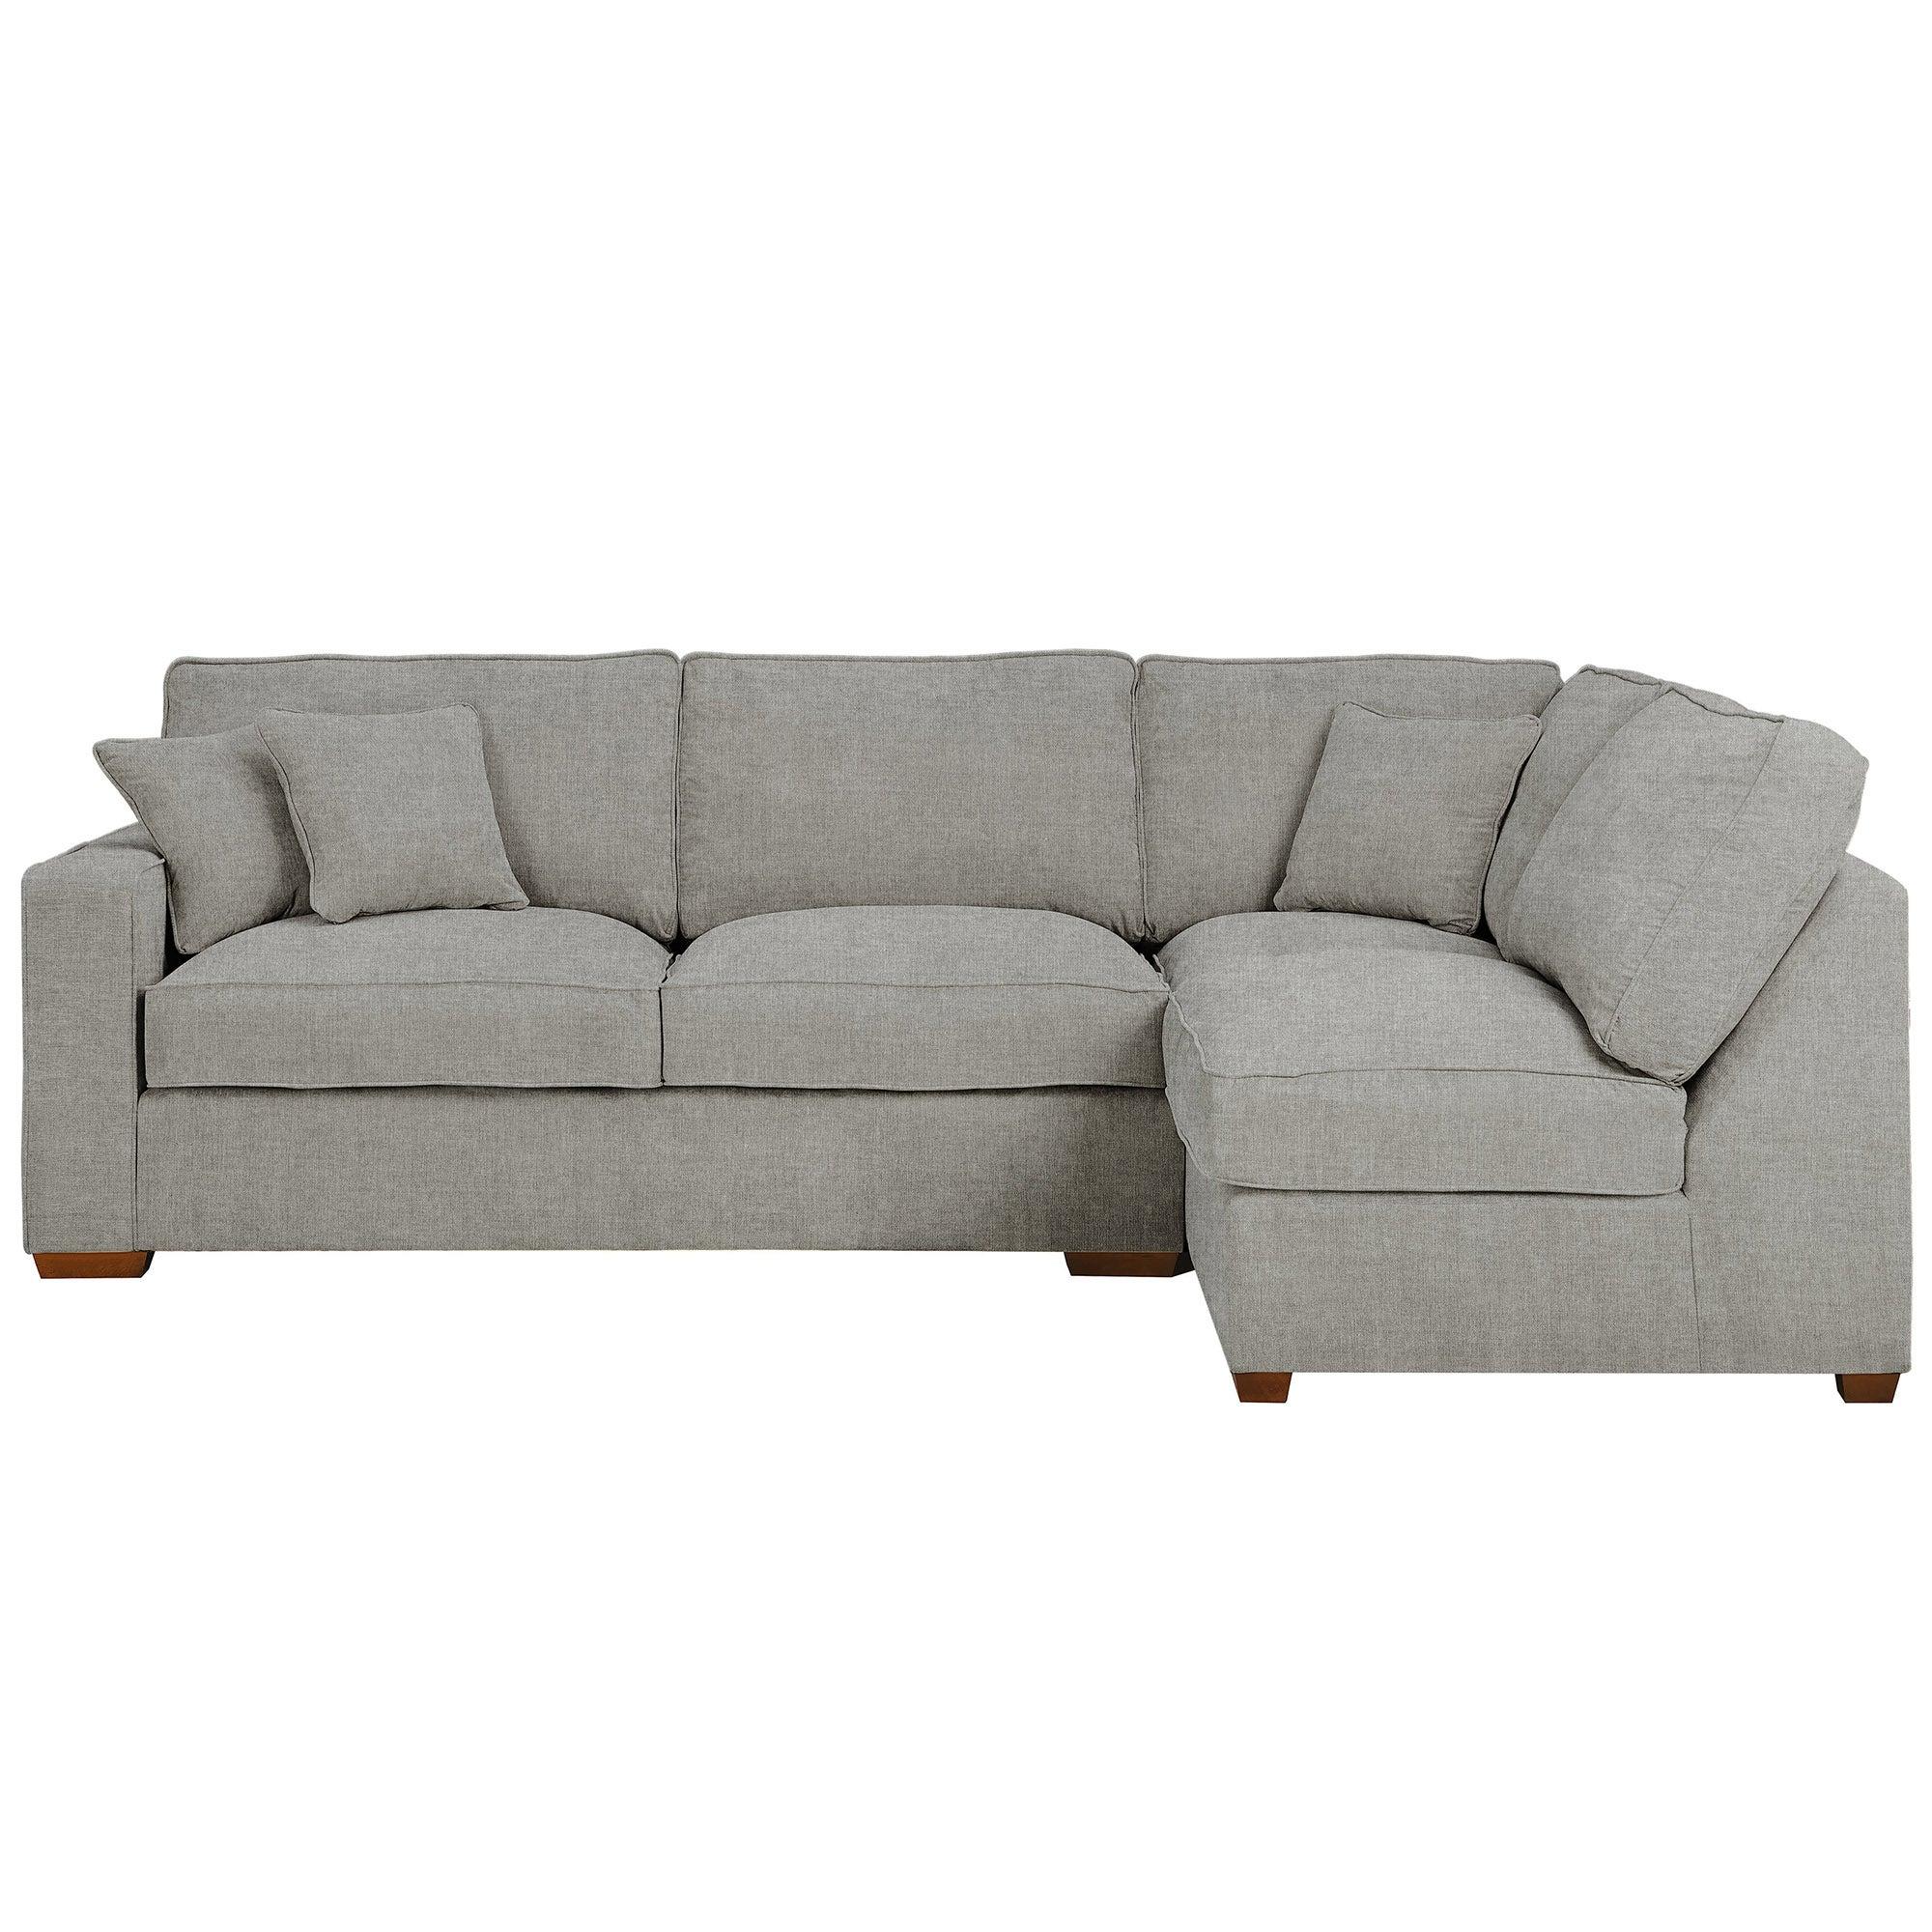 Barker Corner Sofa